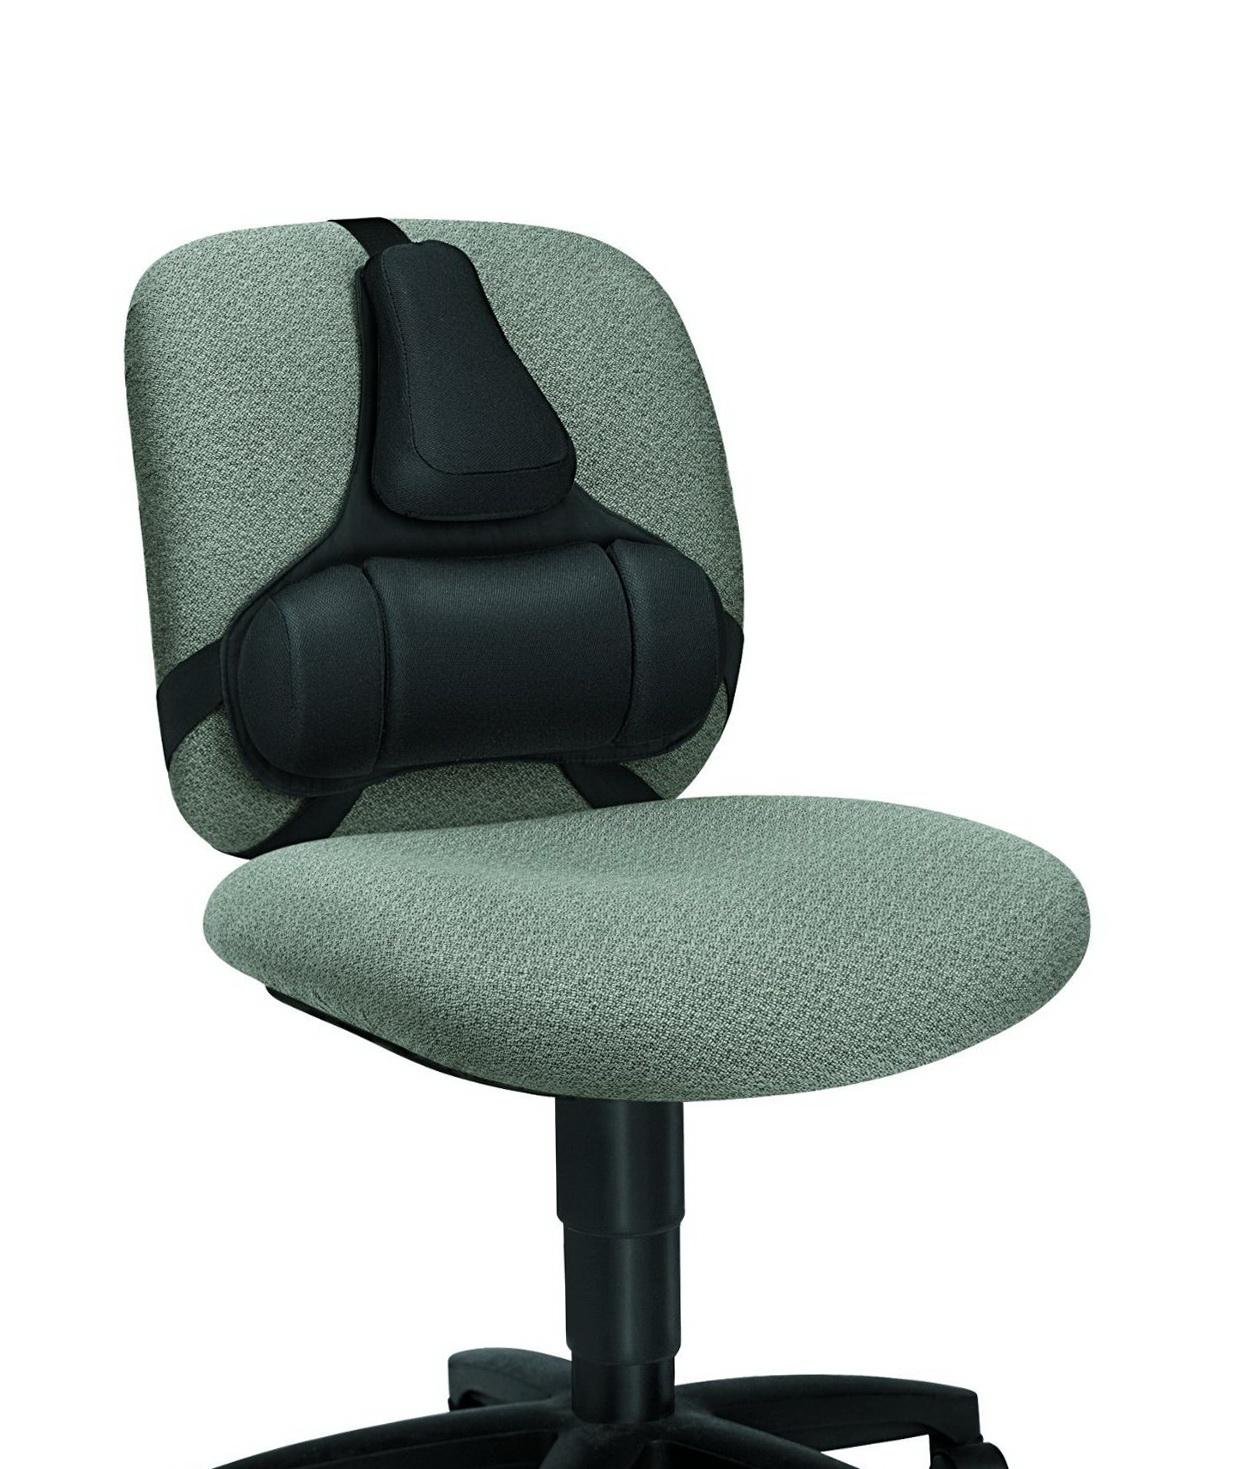 Lumbar Support Cushion Amazon